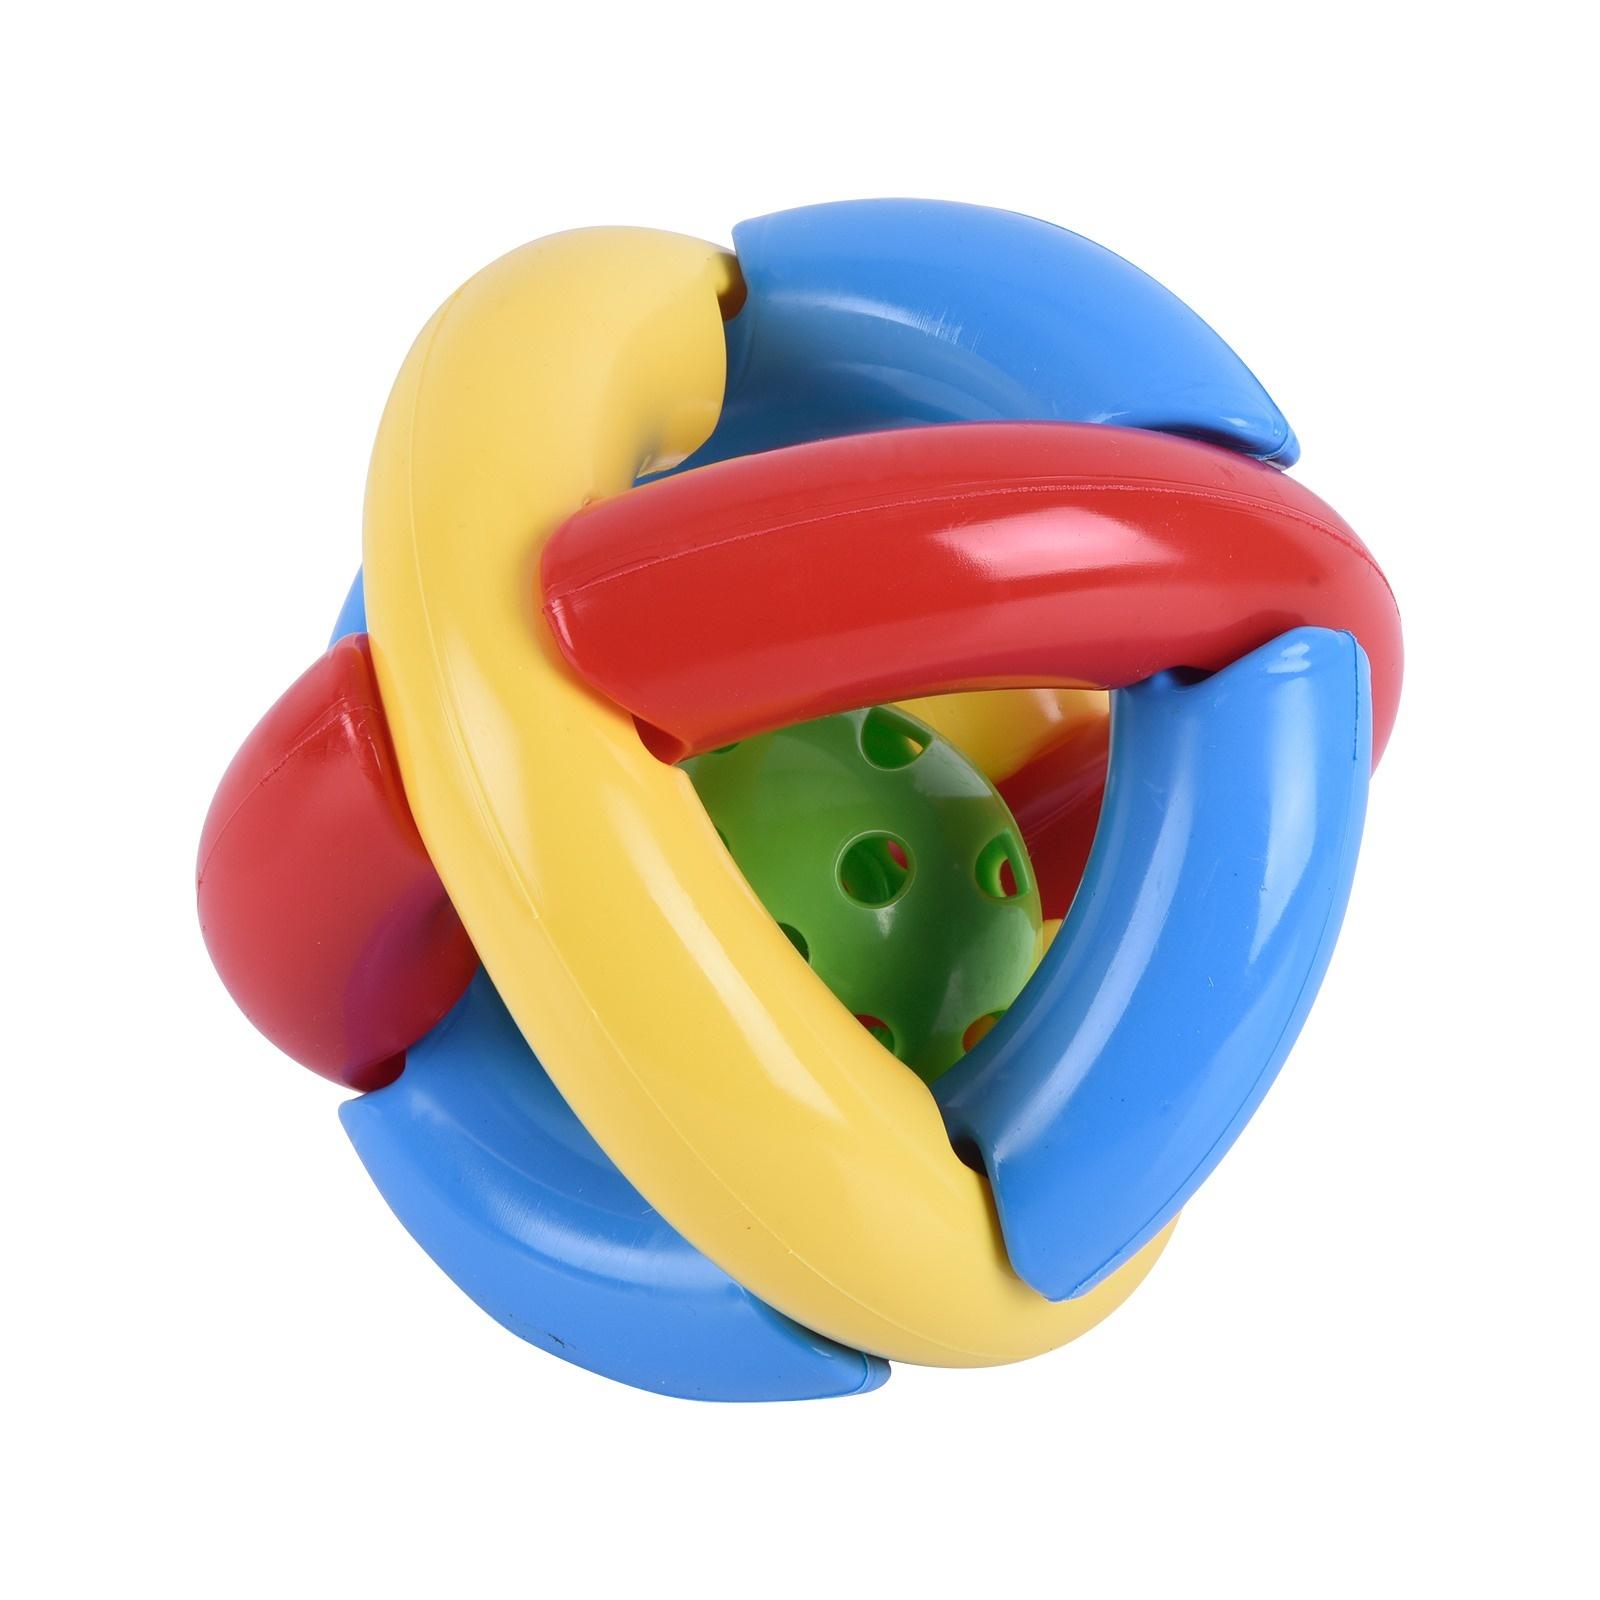 Zuzu Toys Baby Ball